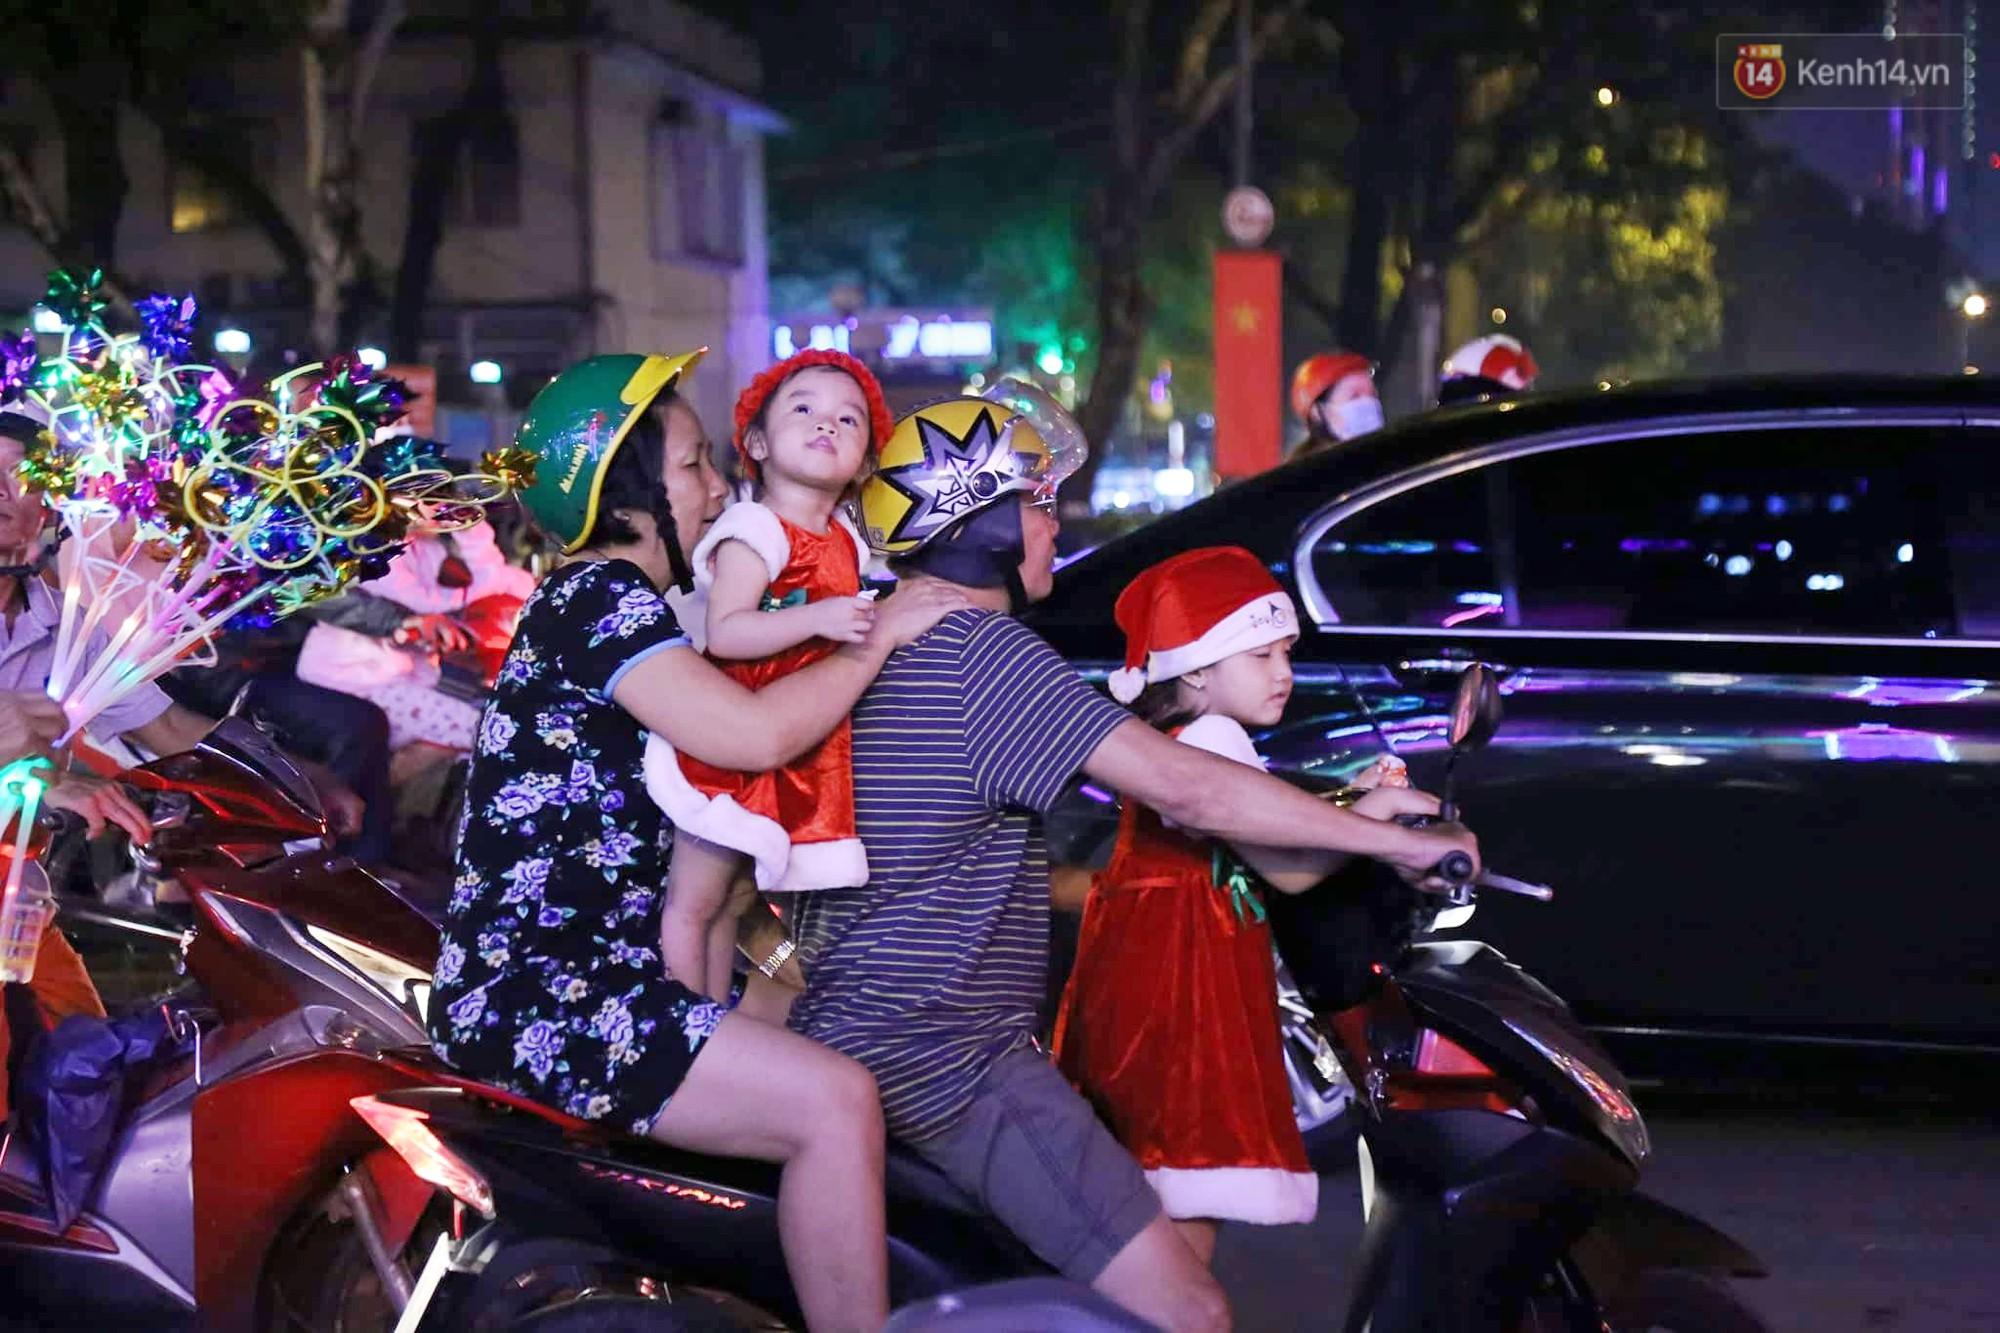 Người dân Hà Nội, Sài Gòn và Đà Nẵng nô nức xuống đường, khắp phố phường khoác lên mình tấm áo Giáng sinh đầy màu sắc - Ảnh 9.